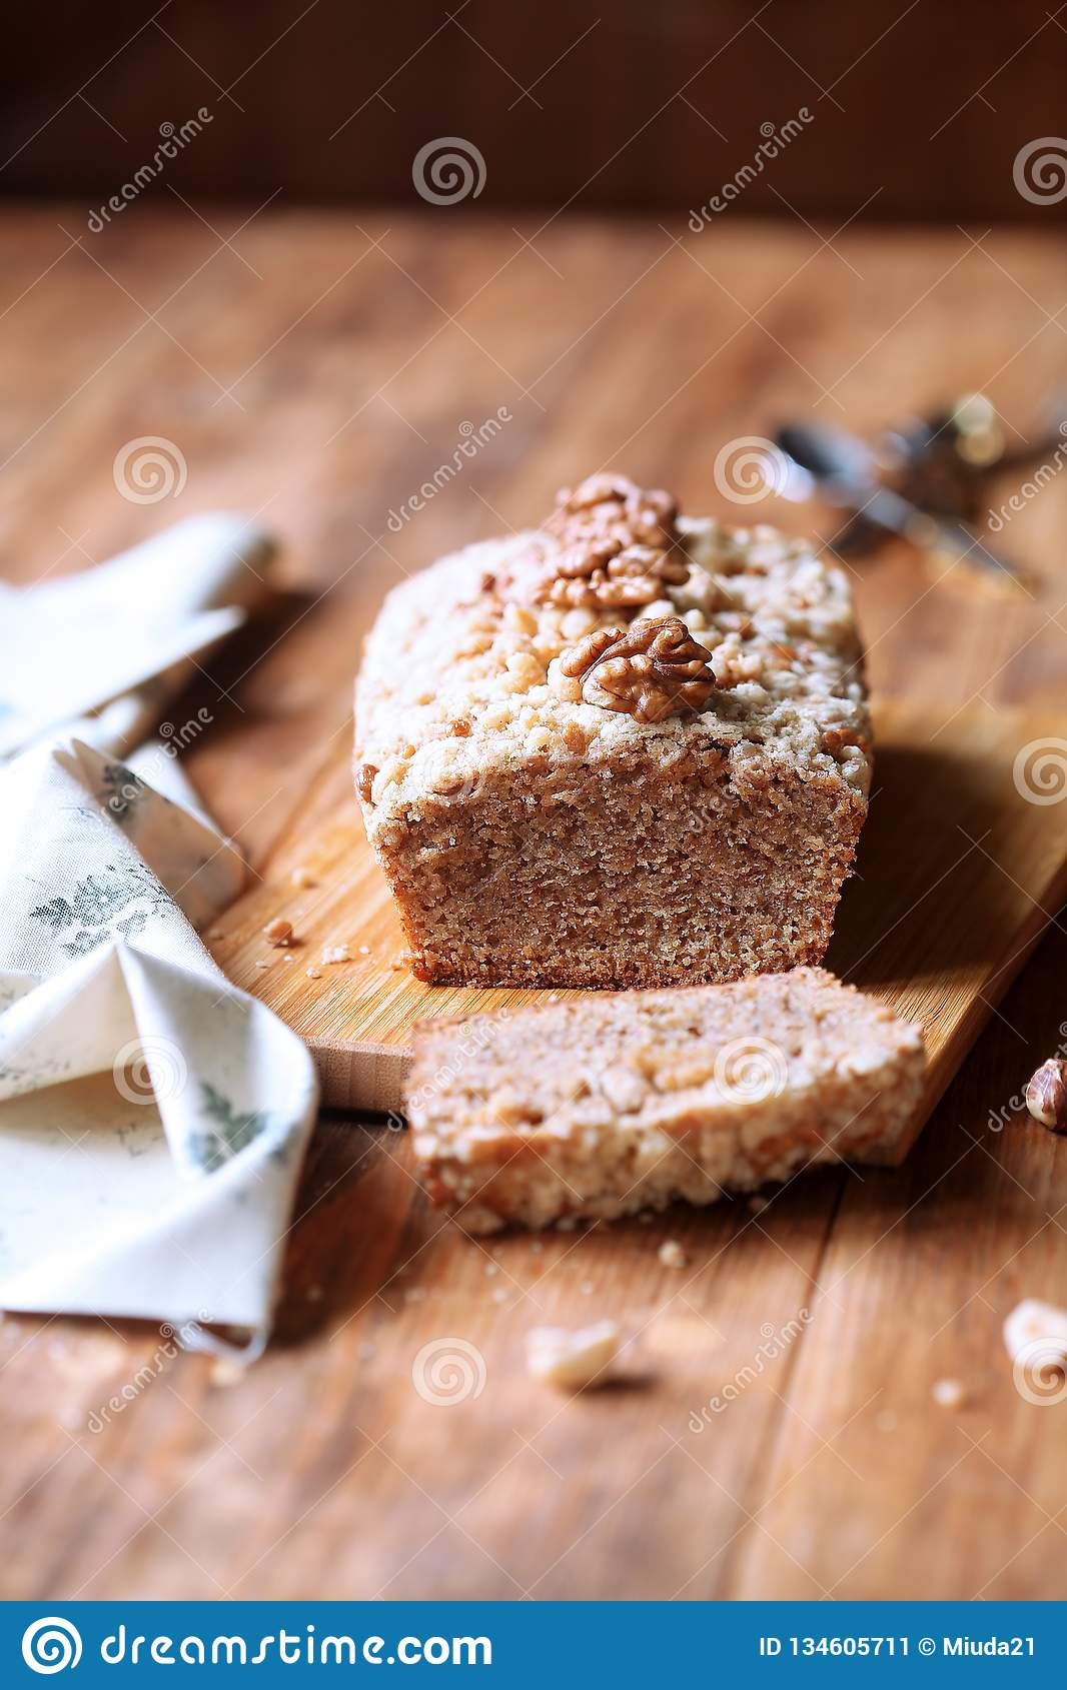 Walnut Financier - traditional French cake